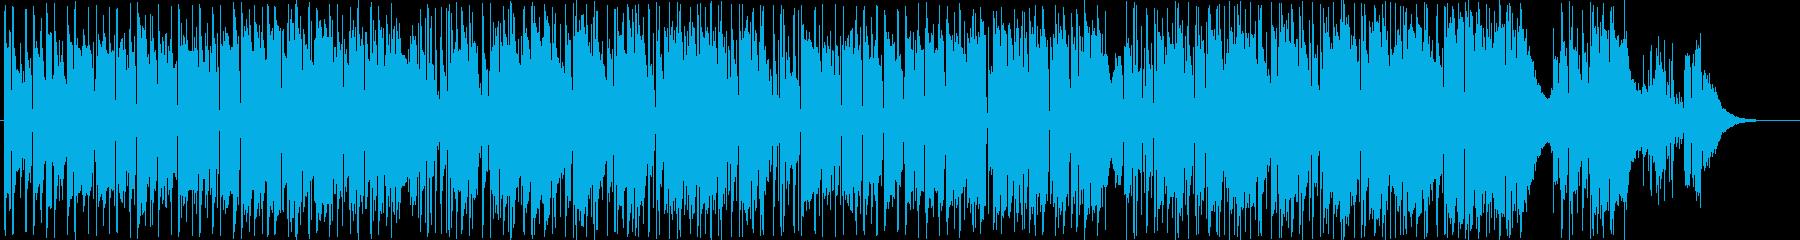 ポップ/アメリカーナ、男性ボーカル...の再生済みの波形